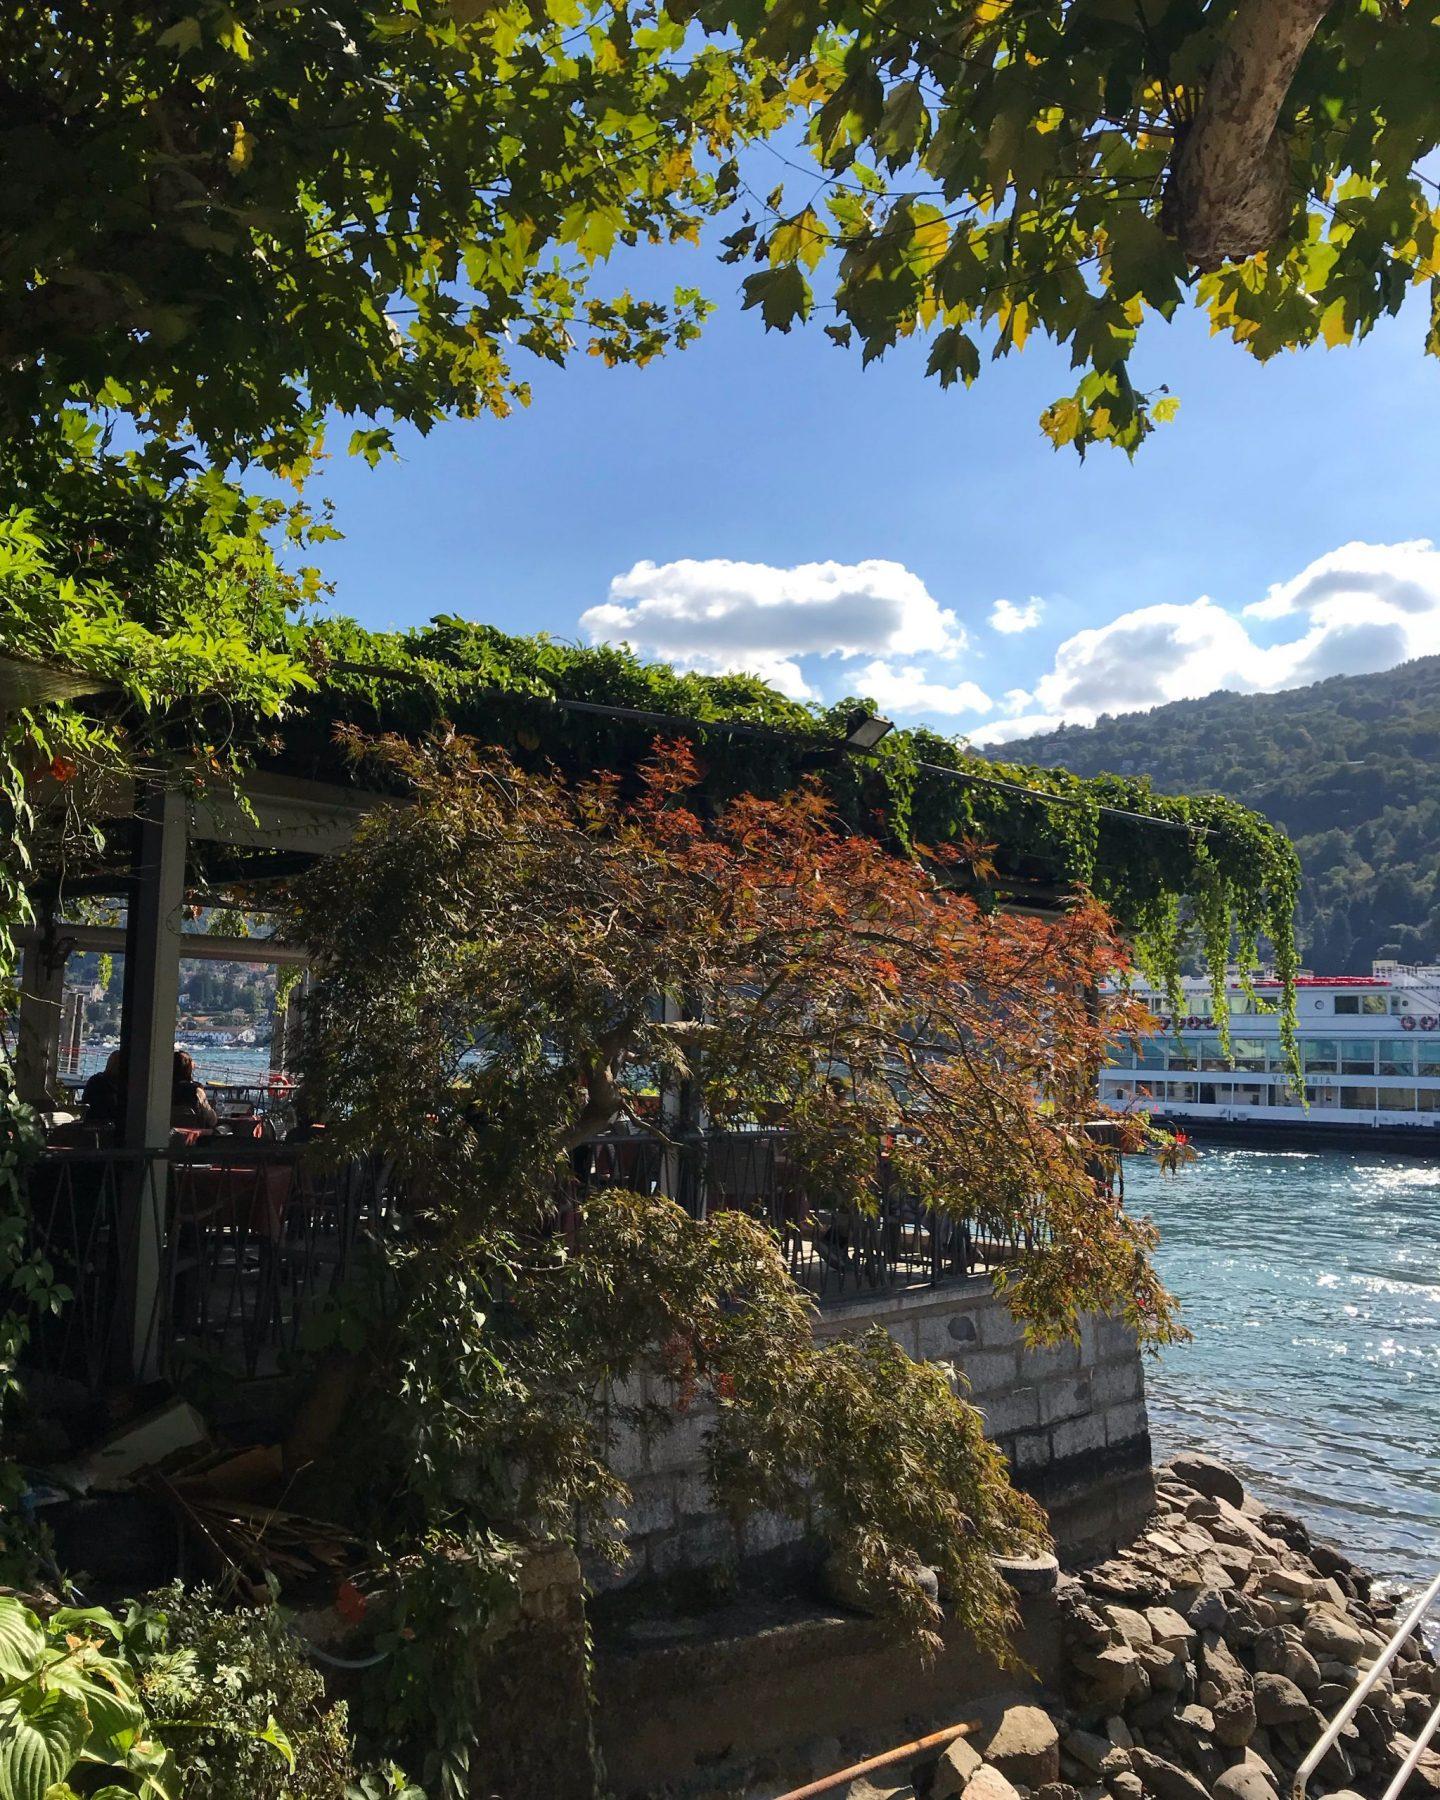 Autumn Colours in Isola dei Pescatori Borromean Islands